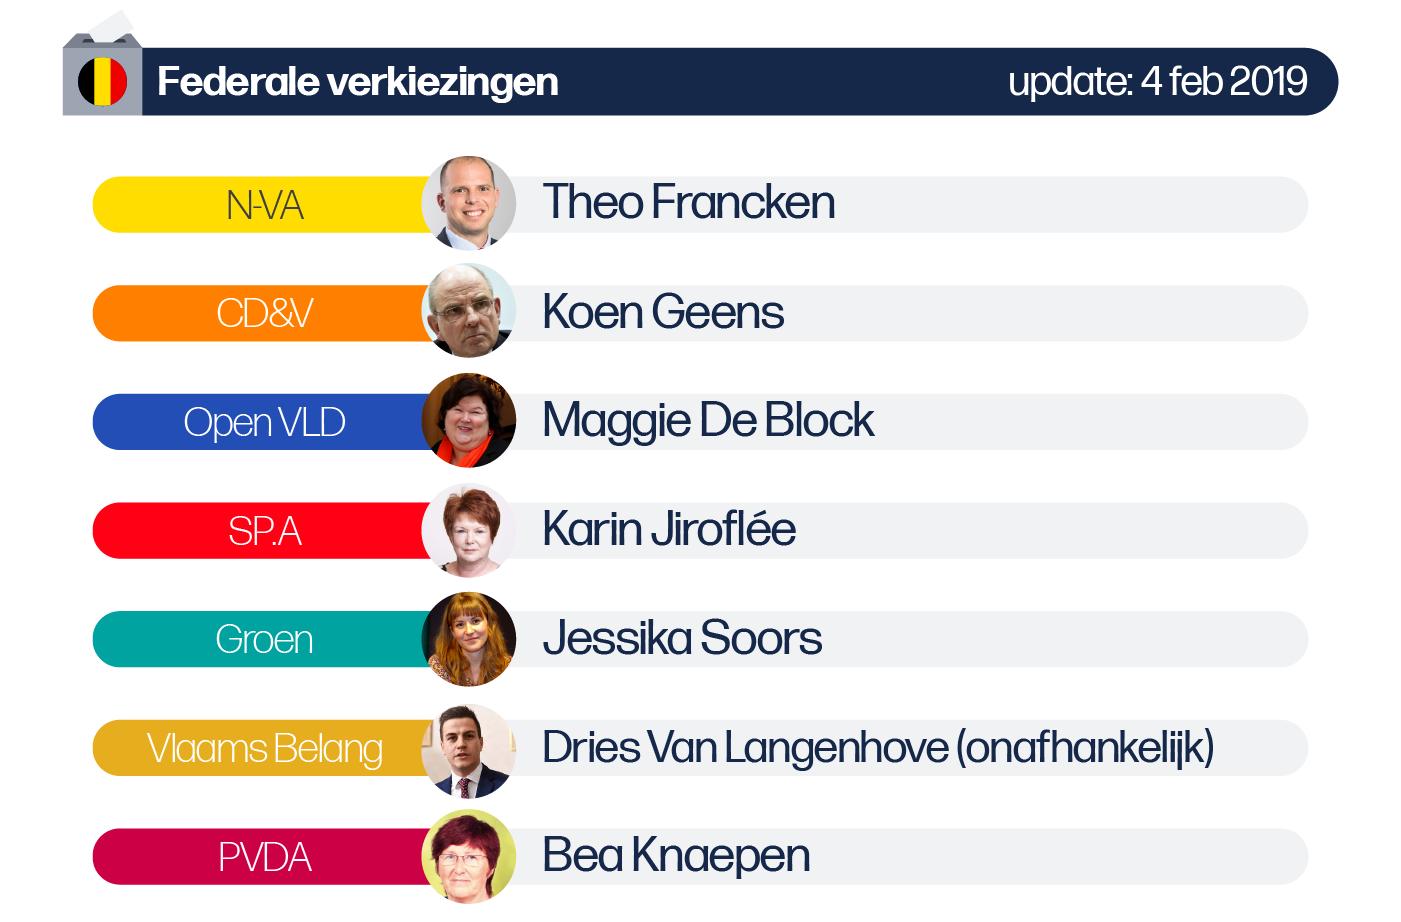 Deze afbeelding omvat volgende lijsttrekkers voor de Federale verkiezingen van de provincie Vlaams-Brabant: N-VA: Theo Francken, CD&V: Koen Geens, SP.A: Karin Jiroflée, Vlaams-Belang: Dries Van Langenhove (onafhankelijke)